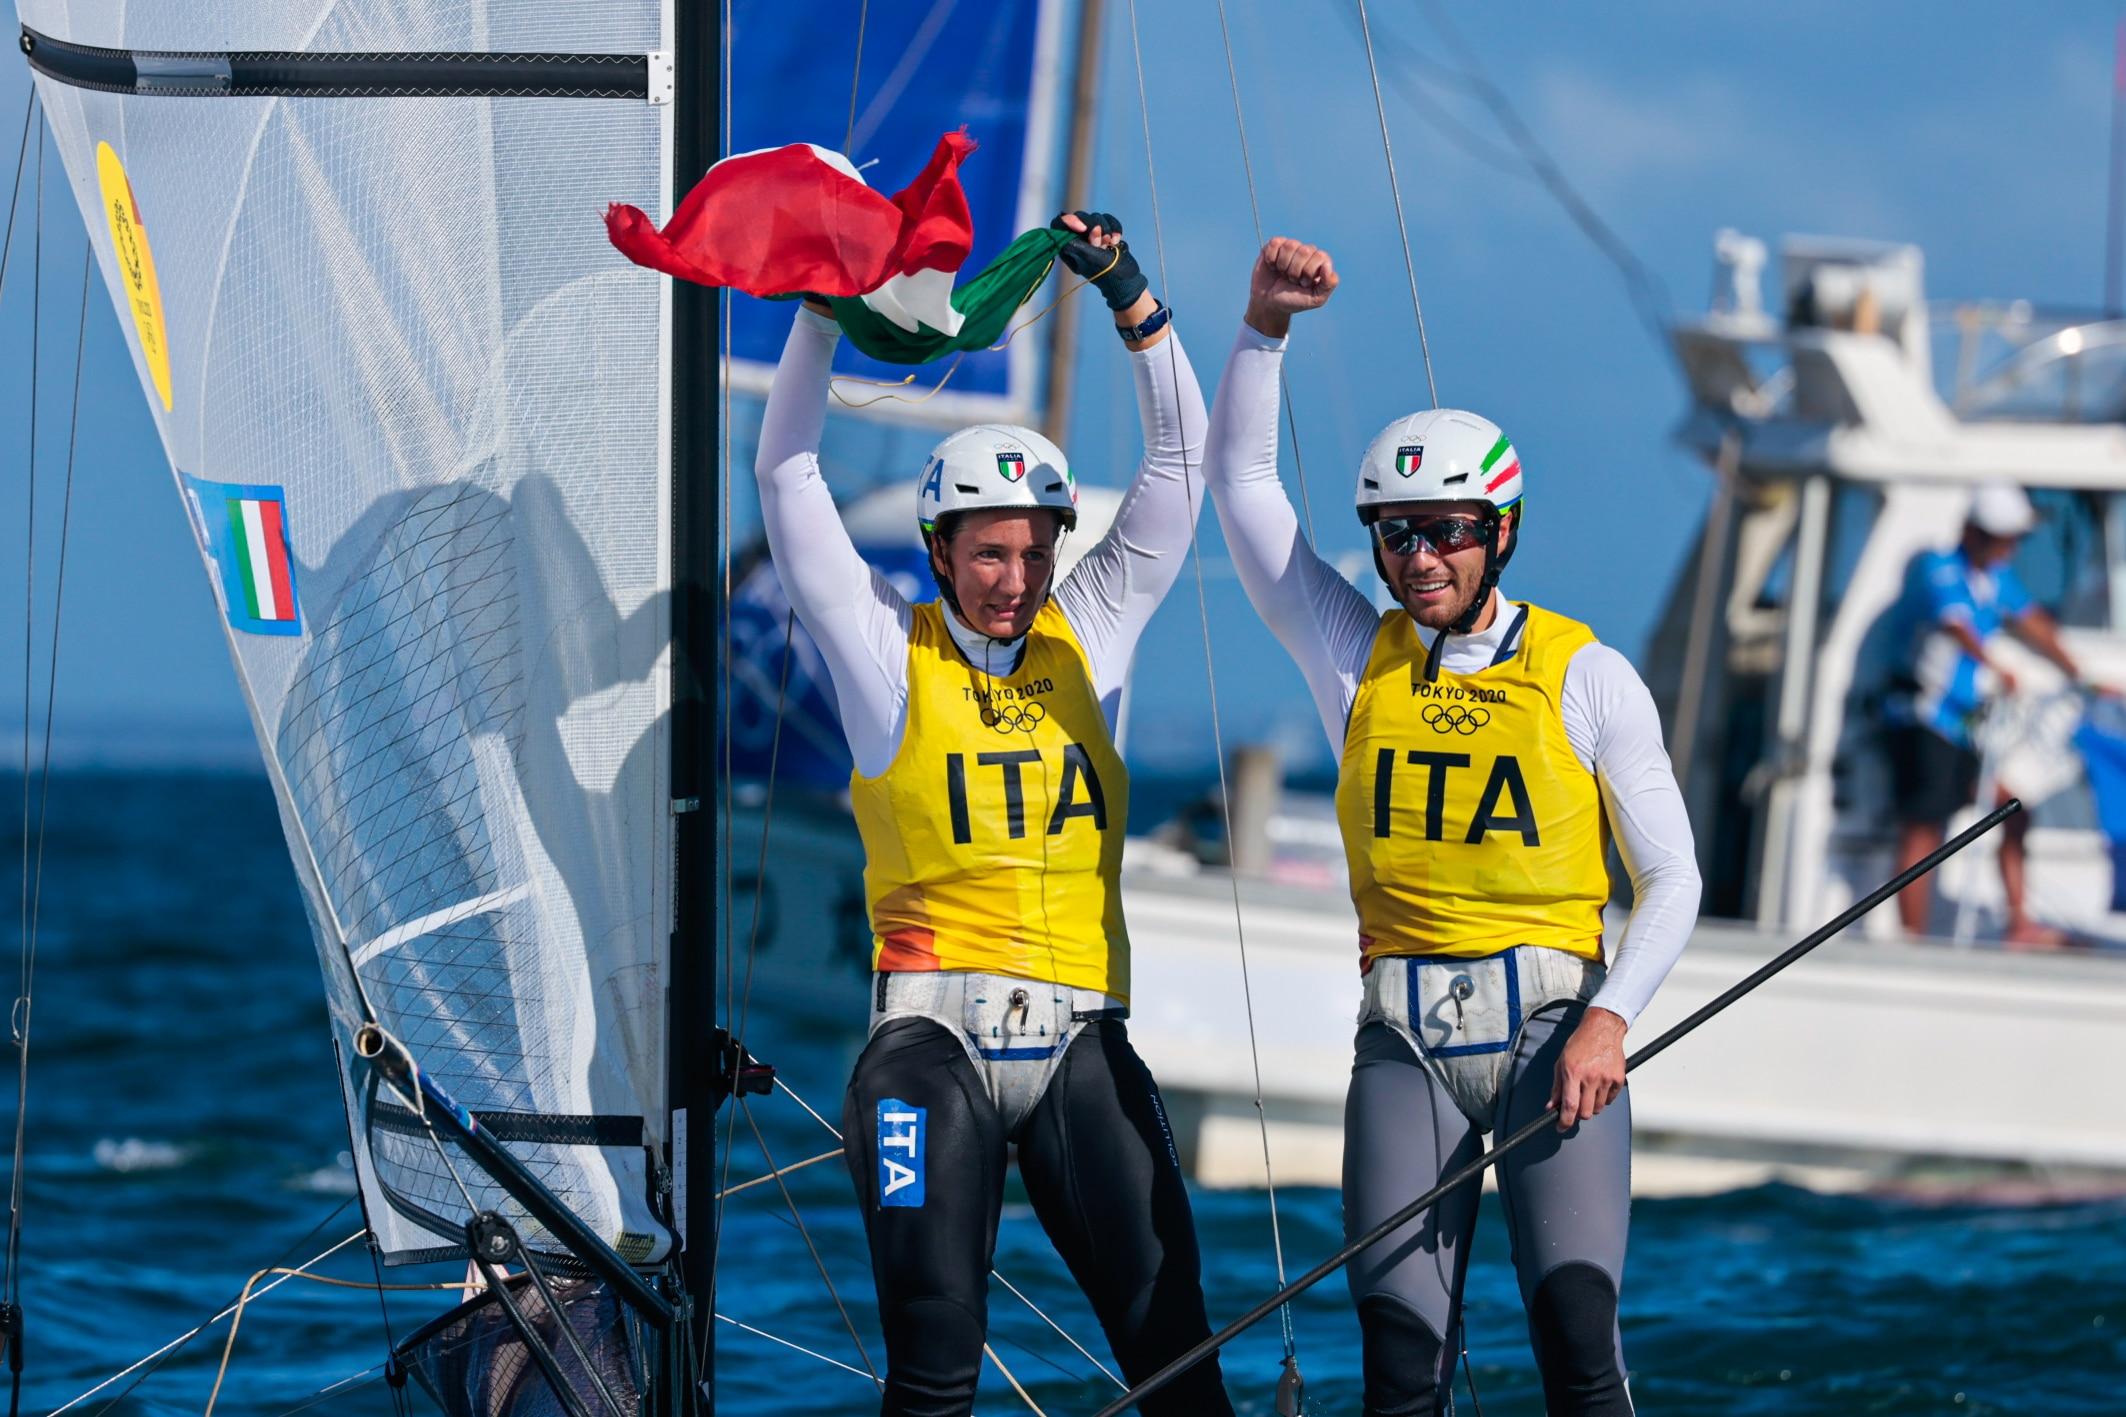 Tita-Banti, medaglia d'oro per la vela alle olimpiadi di Tokyo